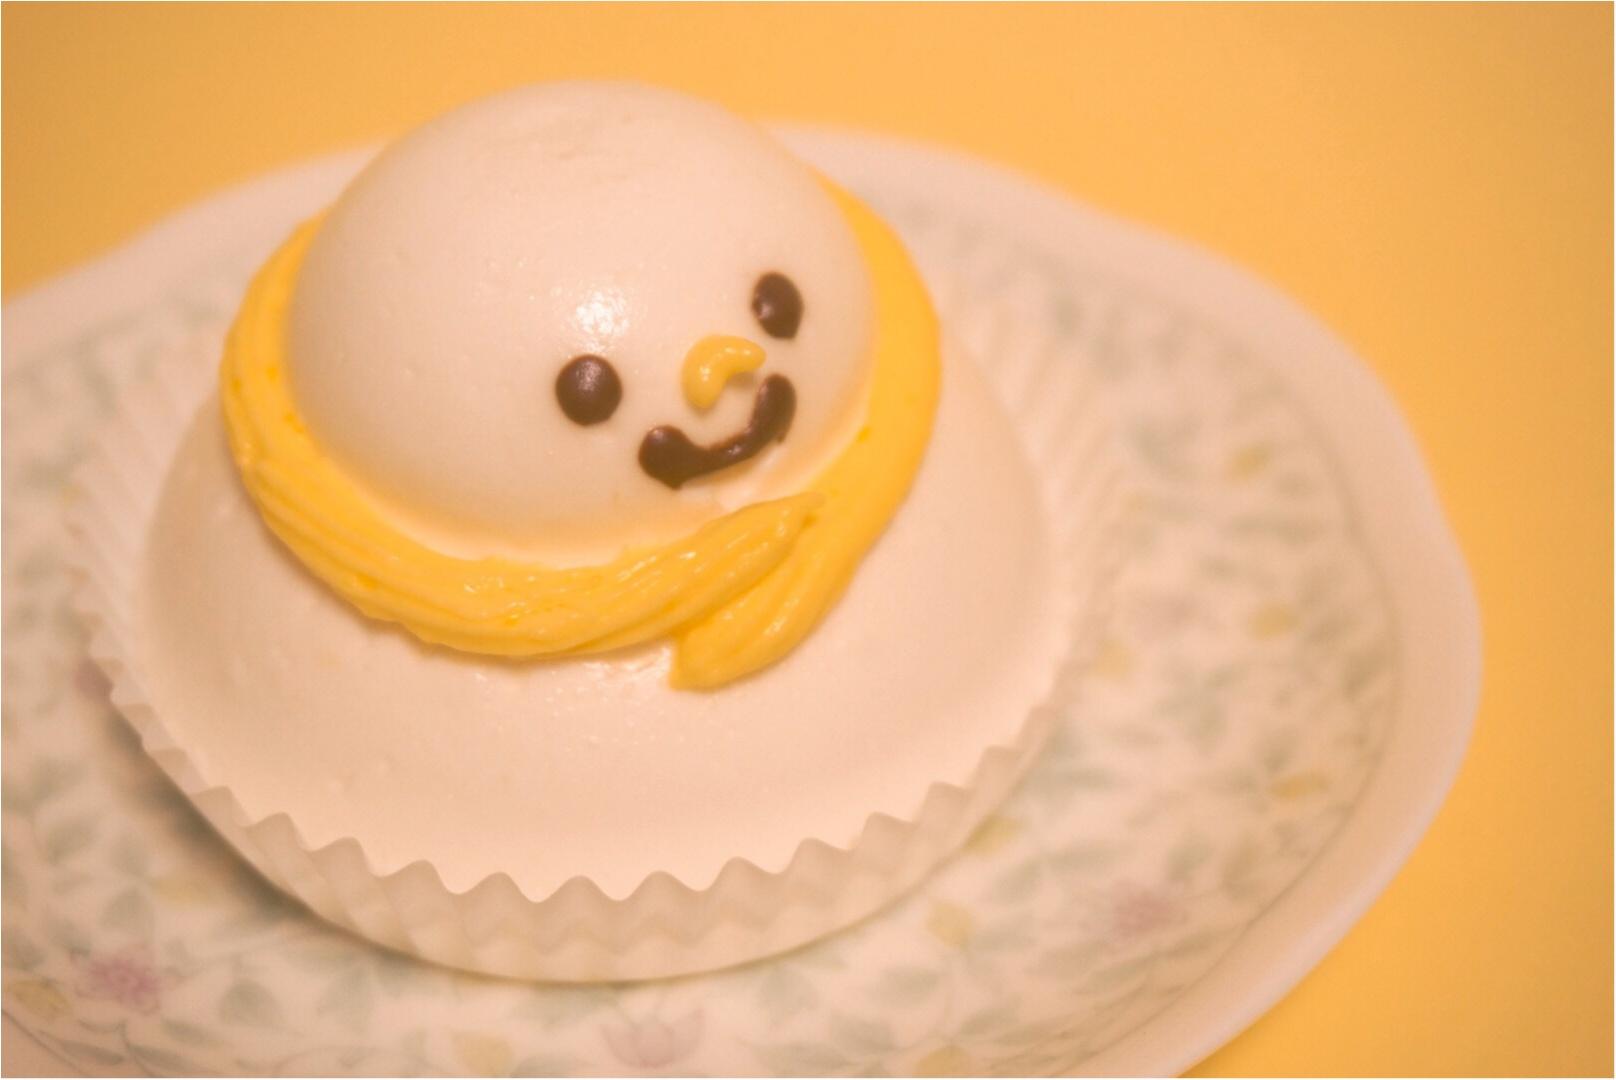 《カメラ必須‼︎》食べるのがもったいない‼︎セブンイレブンのトナカイ&雪の子ケーキが可愛すぎるっ♡_4